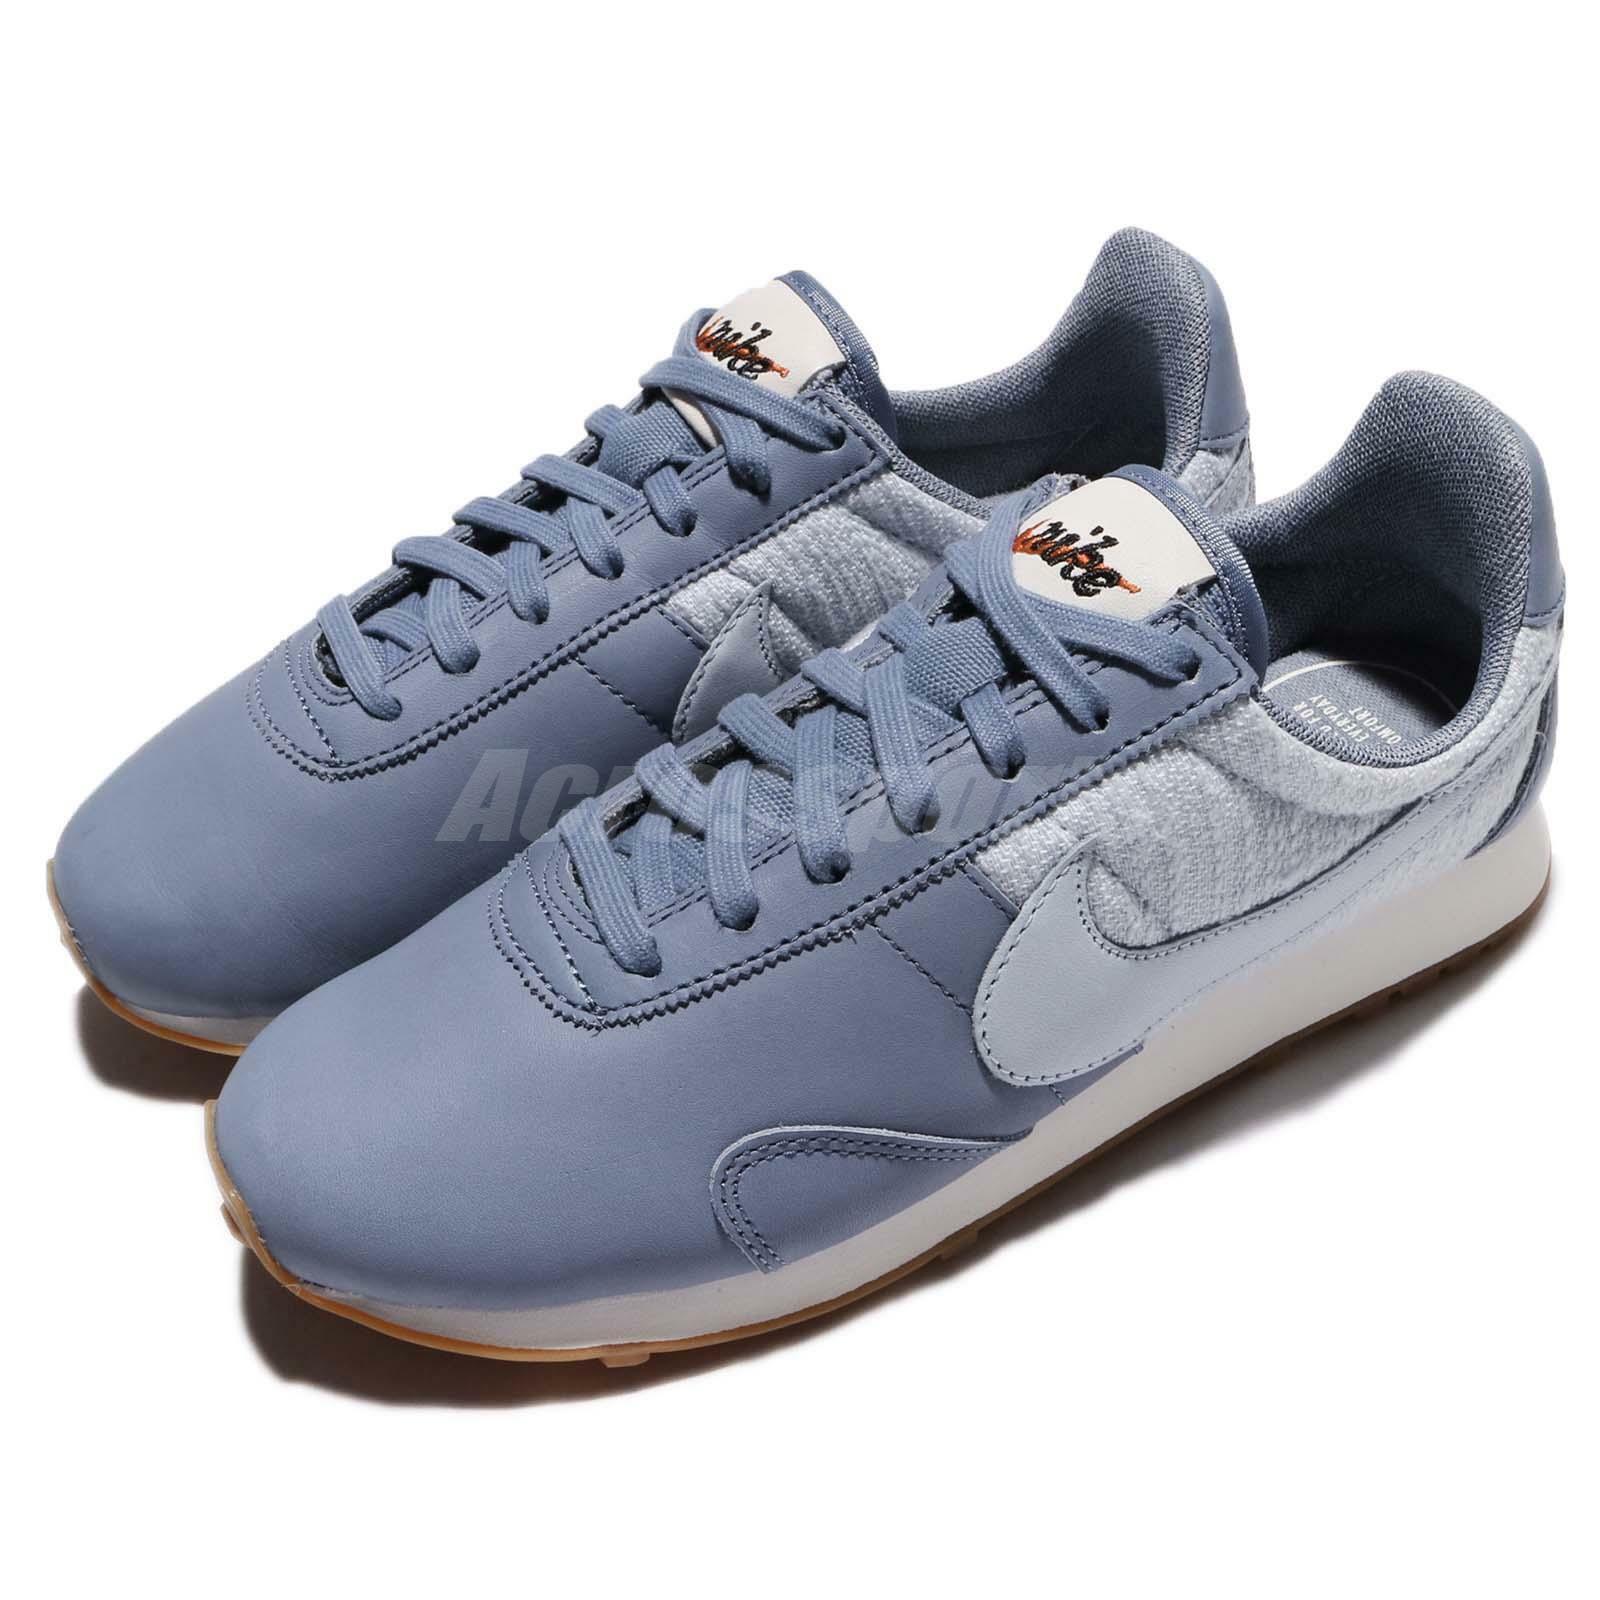 Nike Wmns Pre Montreal Racer VNTG TXT Ocean blu donna Vintage scarpe 833865-400 | Prima classe nella sua classe  | Uomini/Donne Scarpa